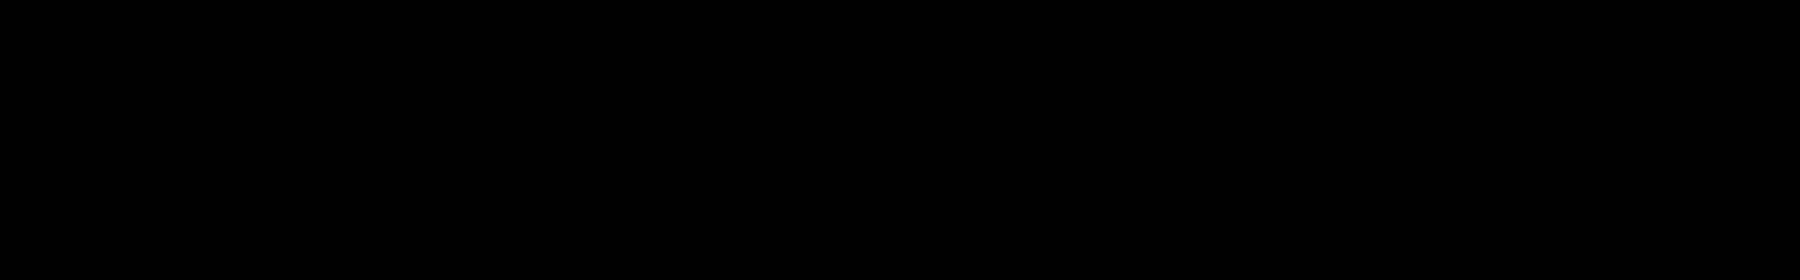 FM8 Quasar audio waveform